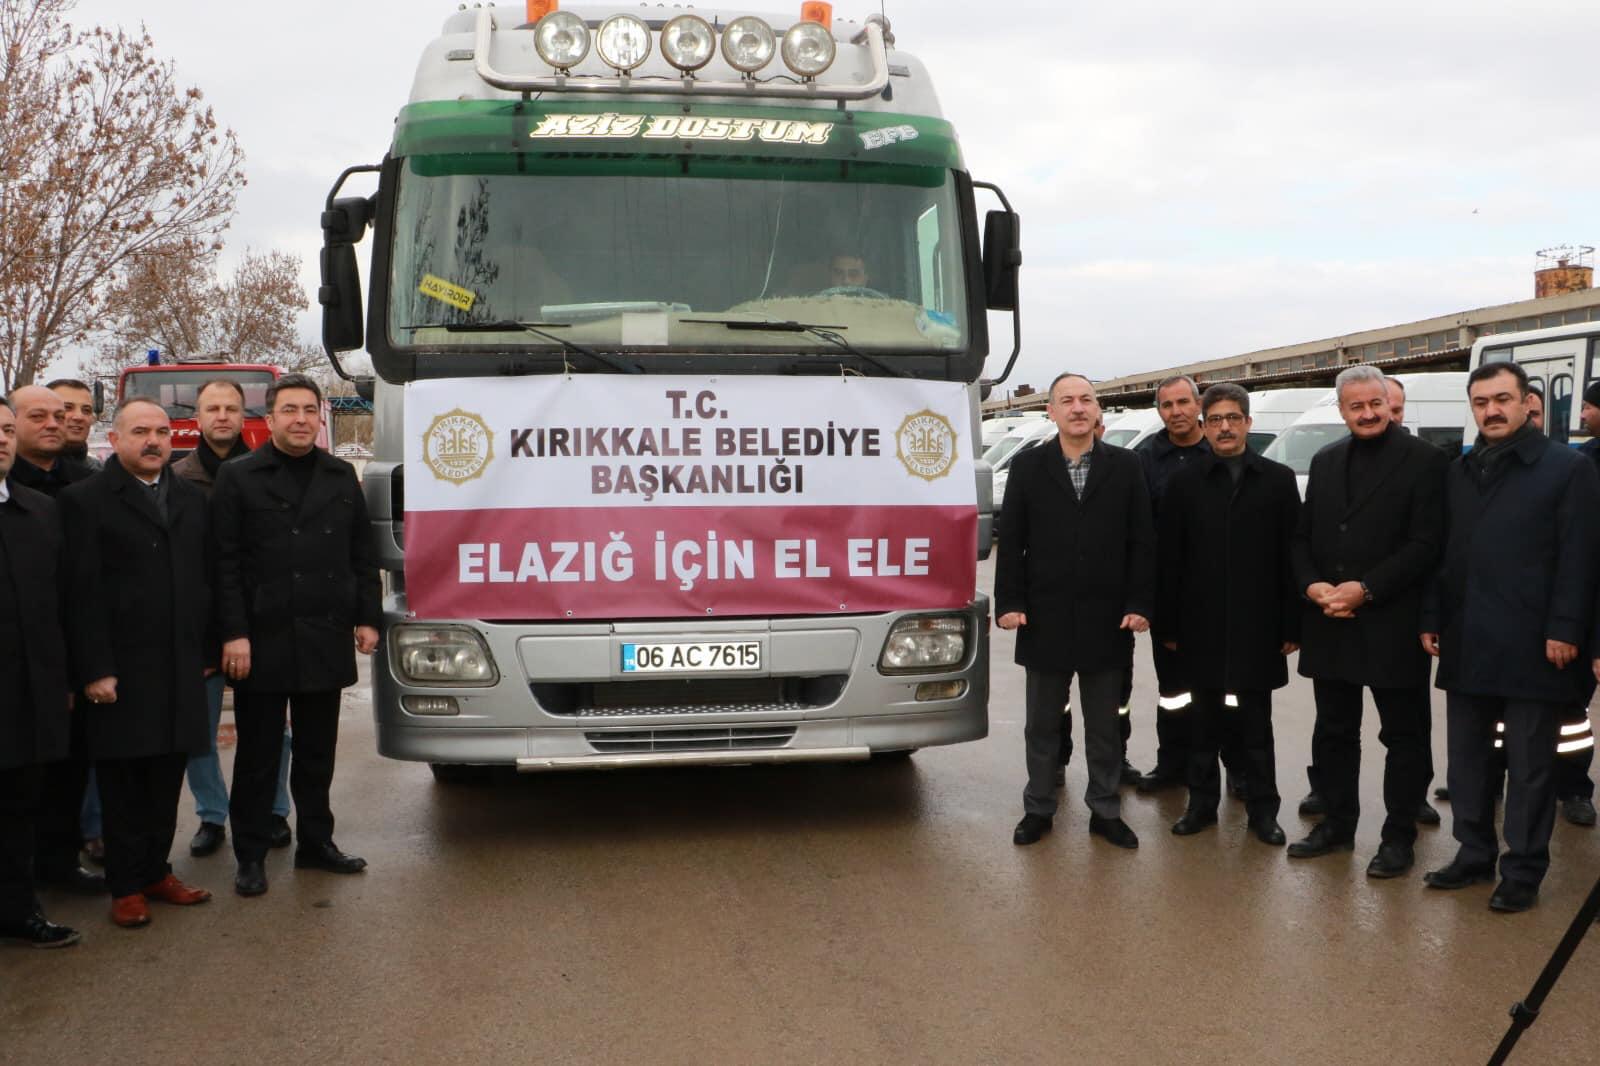 Kırıkkale'den Elazığ'a yardım eli